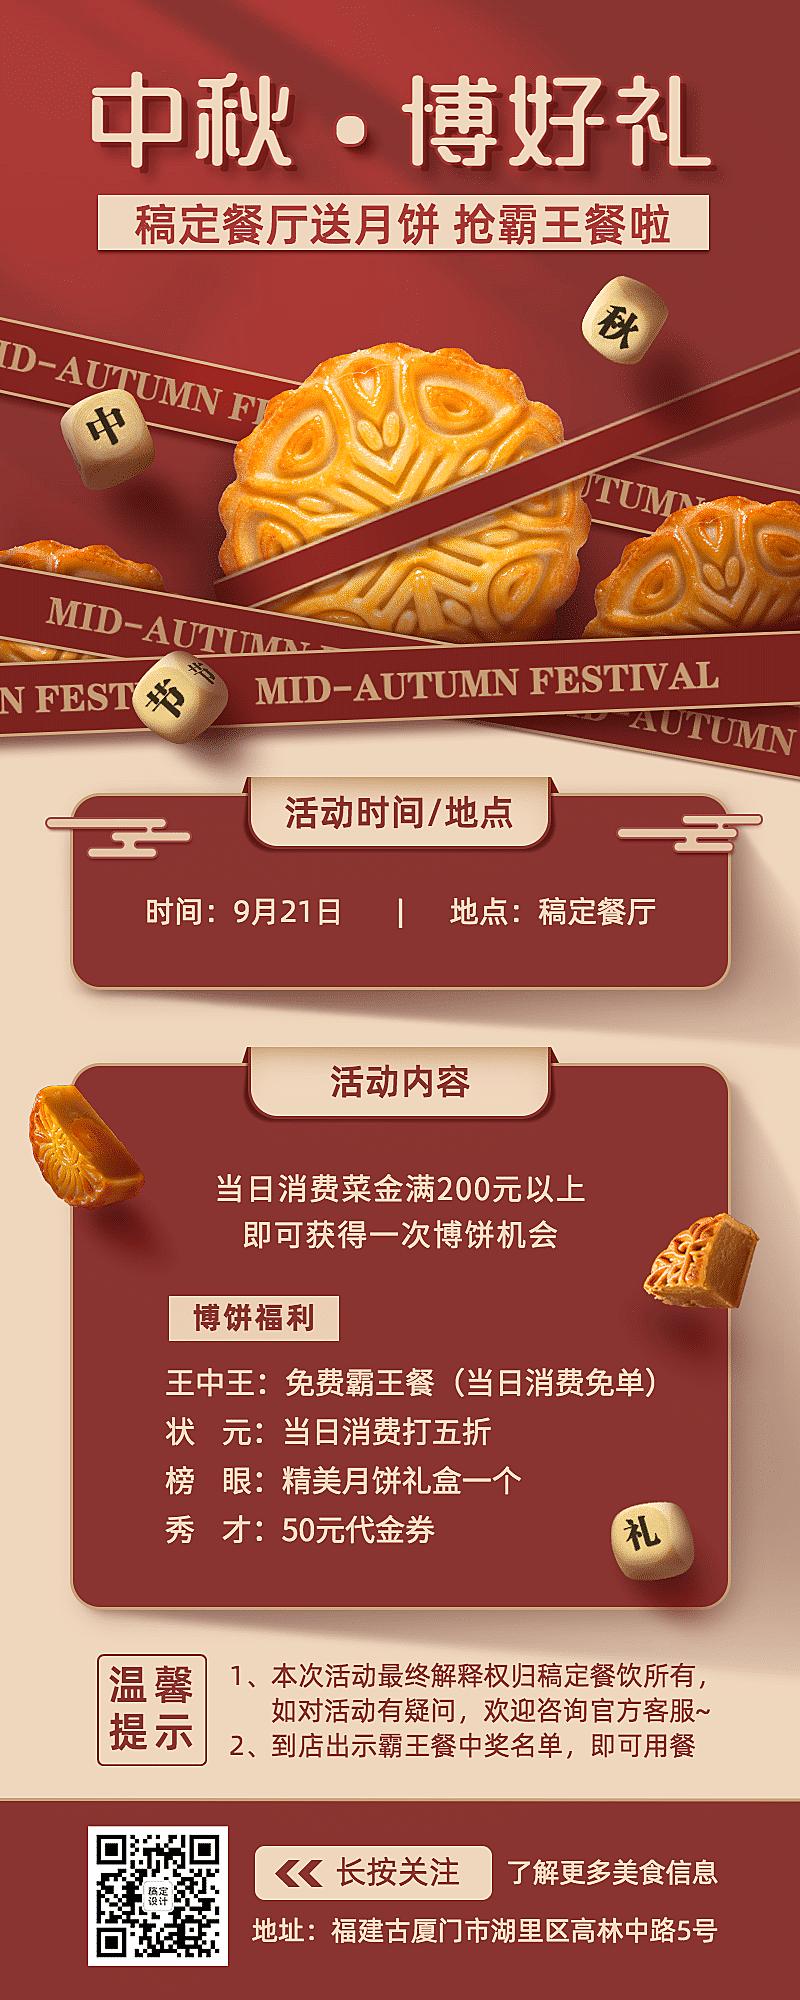 中秋餐饮美食博饼活动长图海报